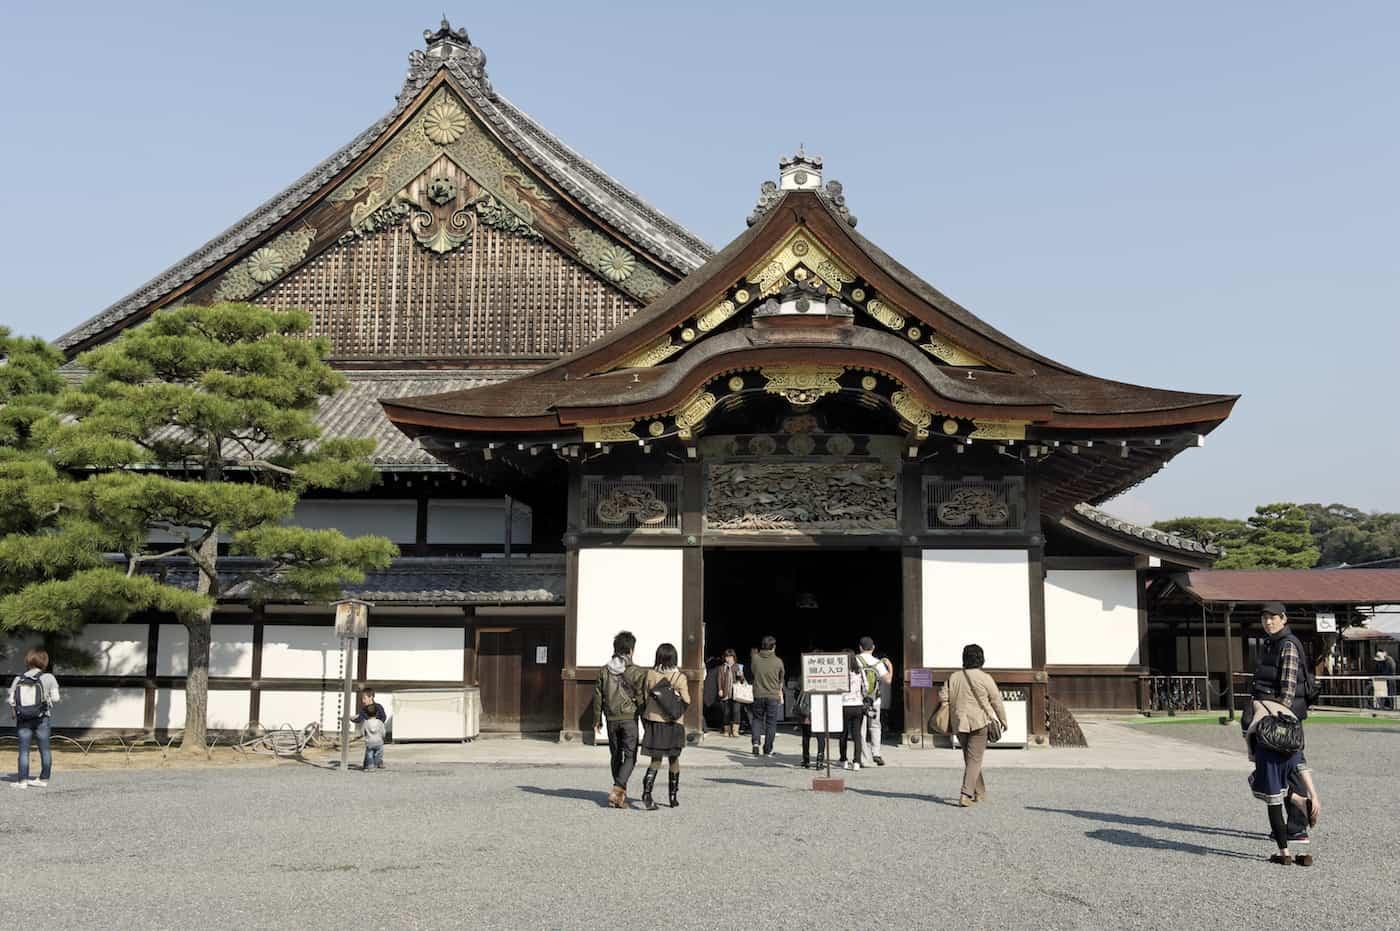 visit the Nijō Castle